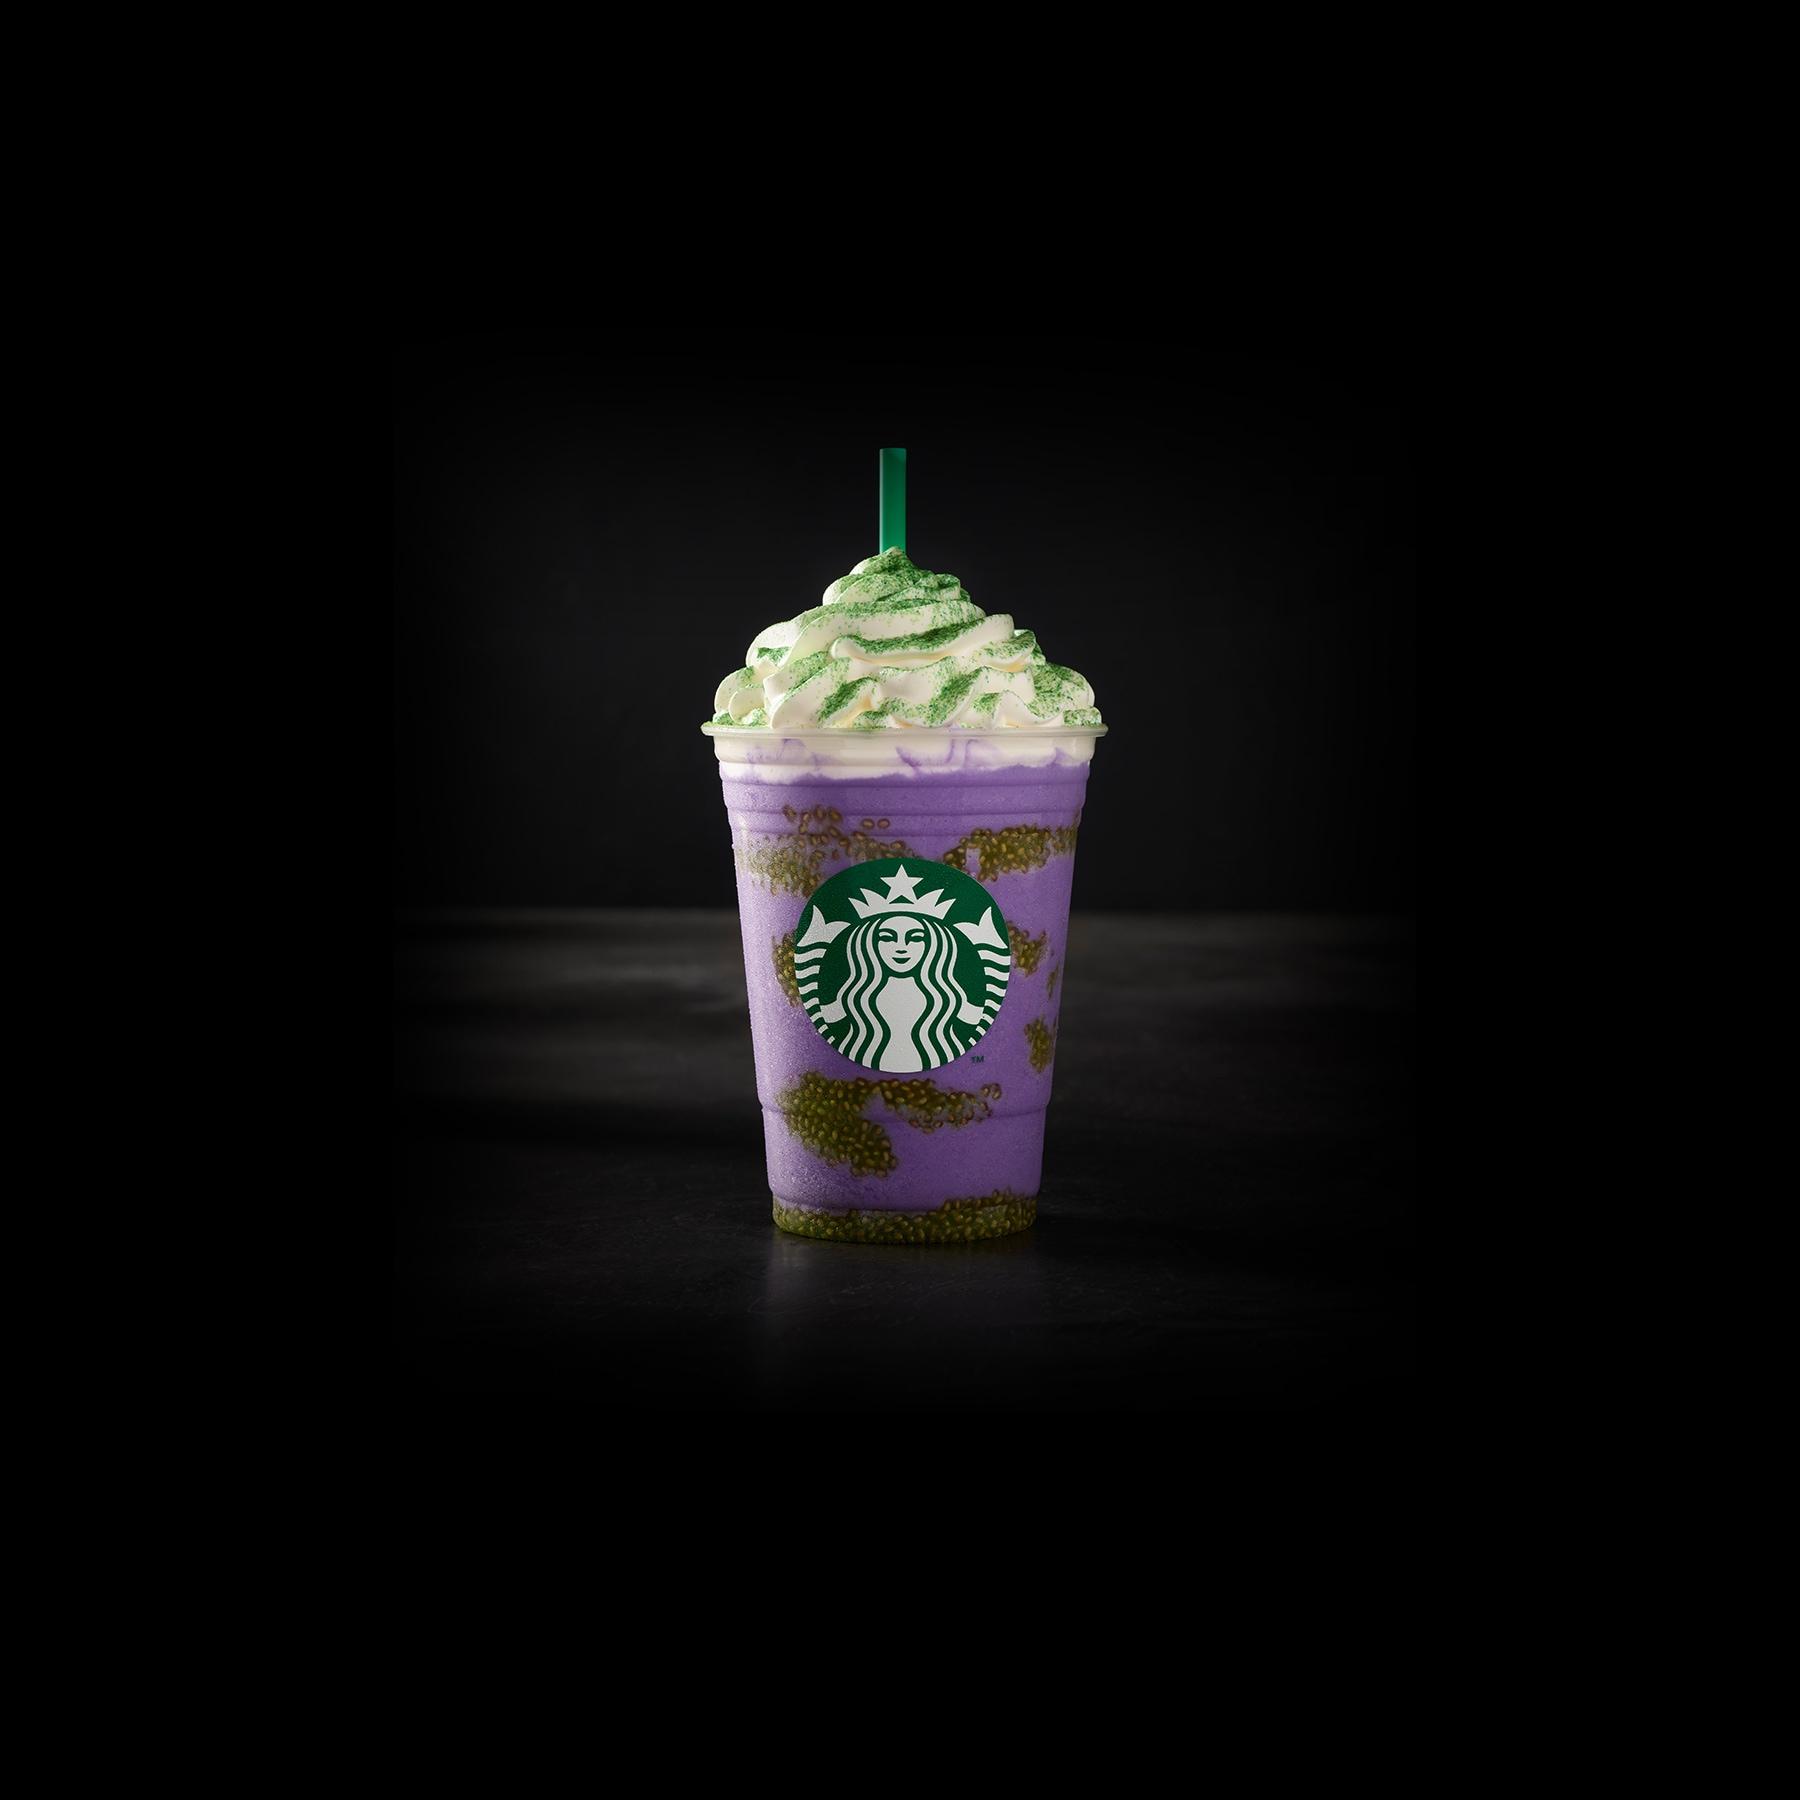 witch's brew crème frappuccino | starbucks coffee company